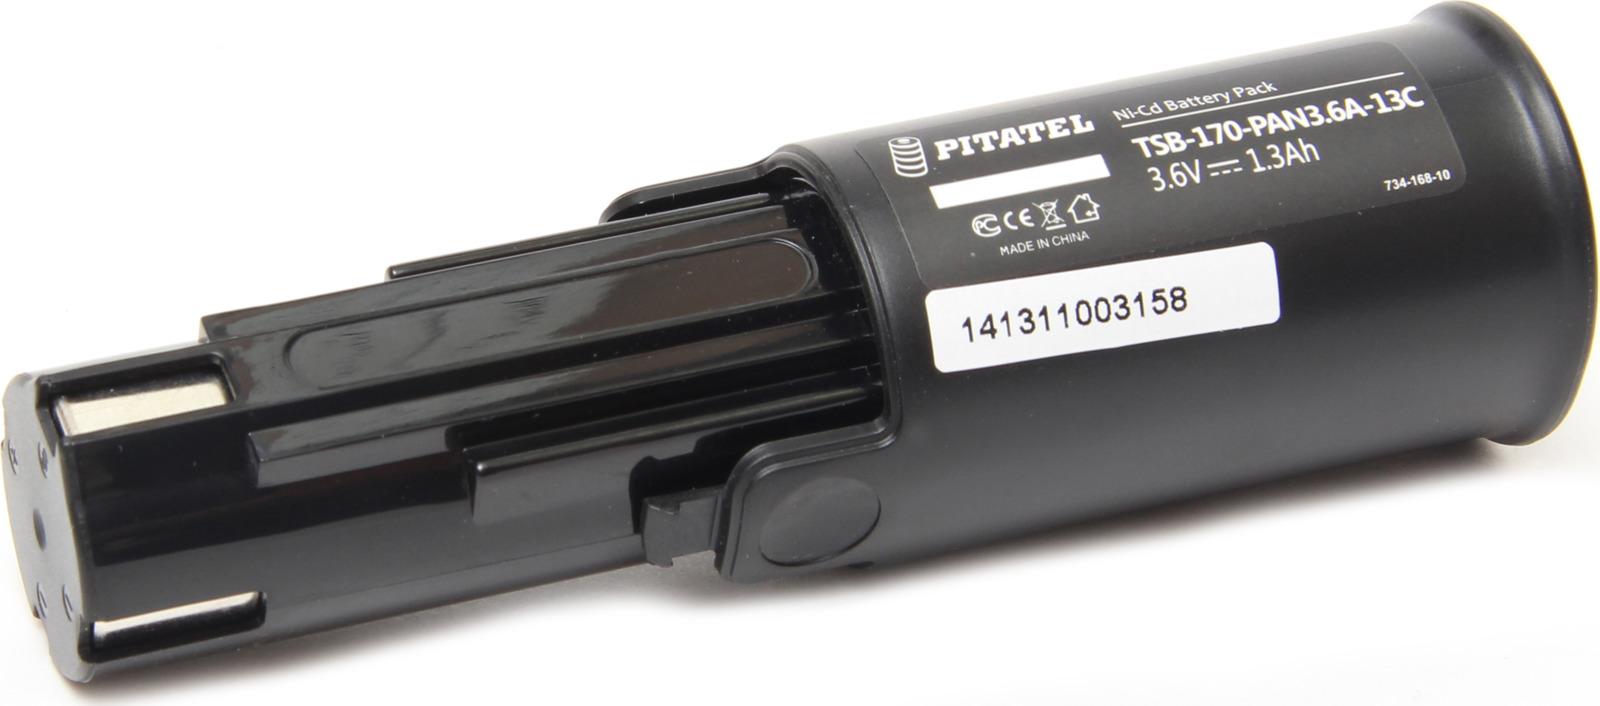 Аккумулятор для инструмента Pitatel TSB-170-PAN3.6A-13C для PANASONIC, черный аккумулятор для инструмента pitatel для panasonic tsb 182 pan24 30m